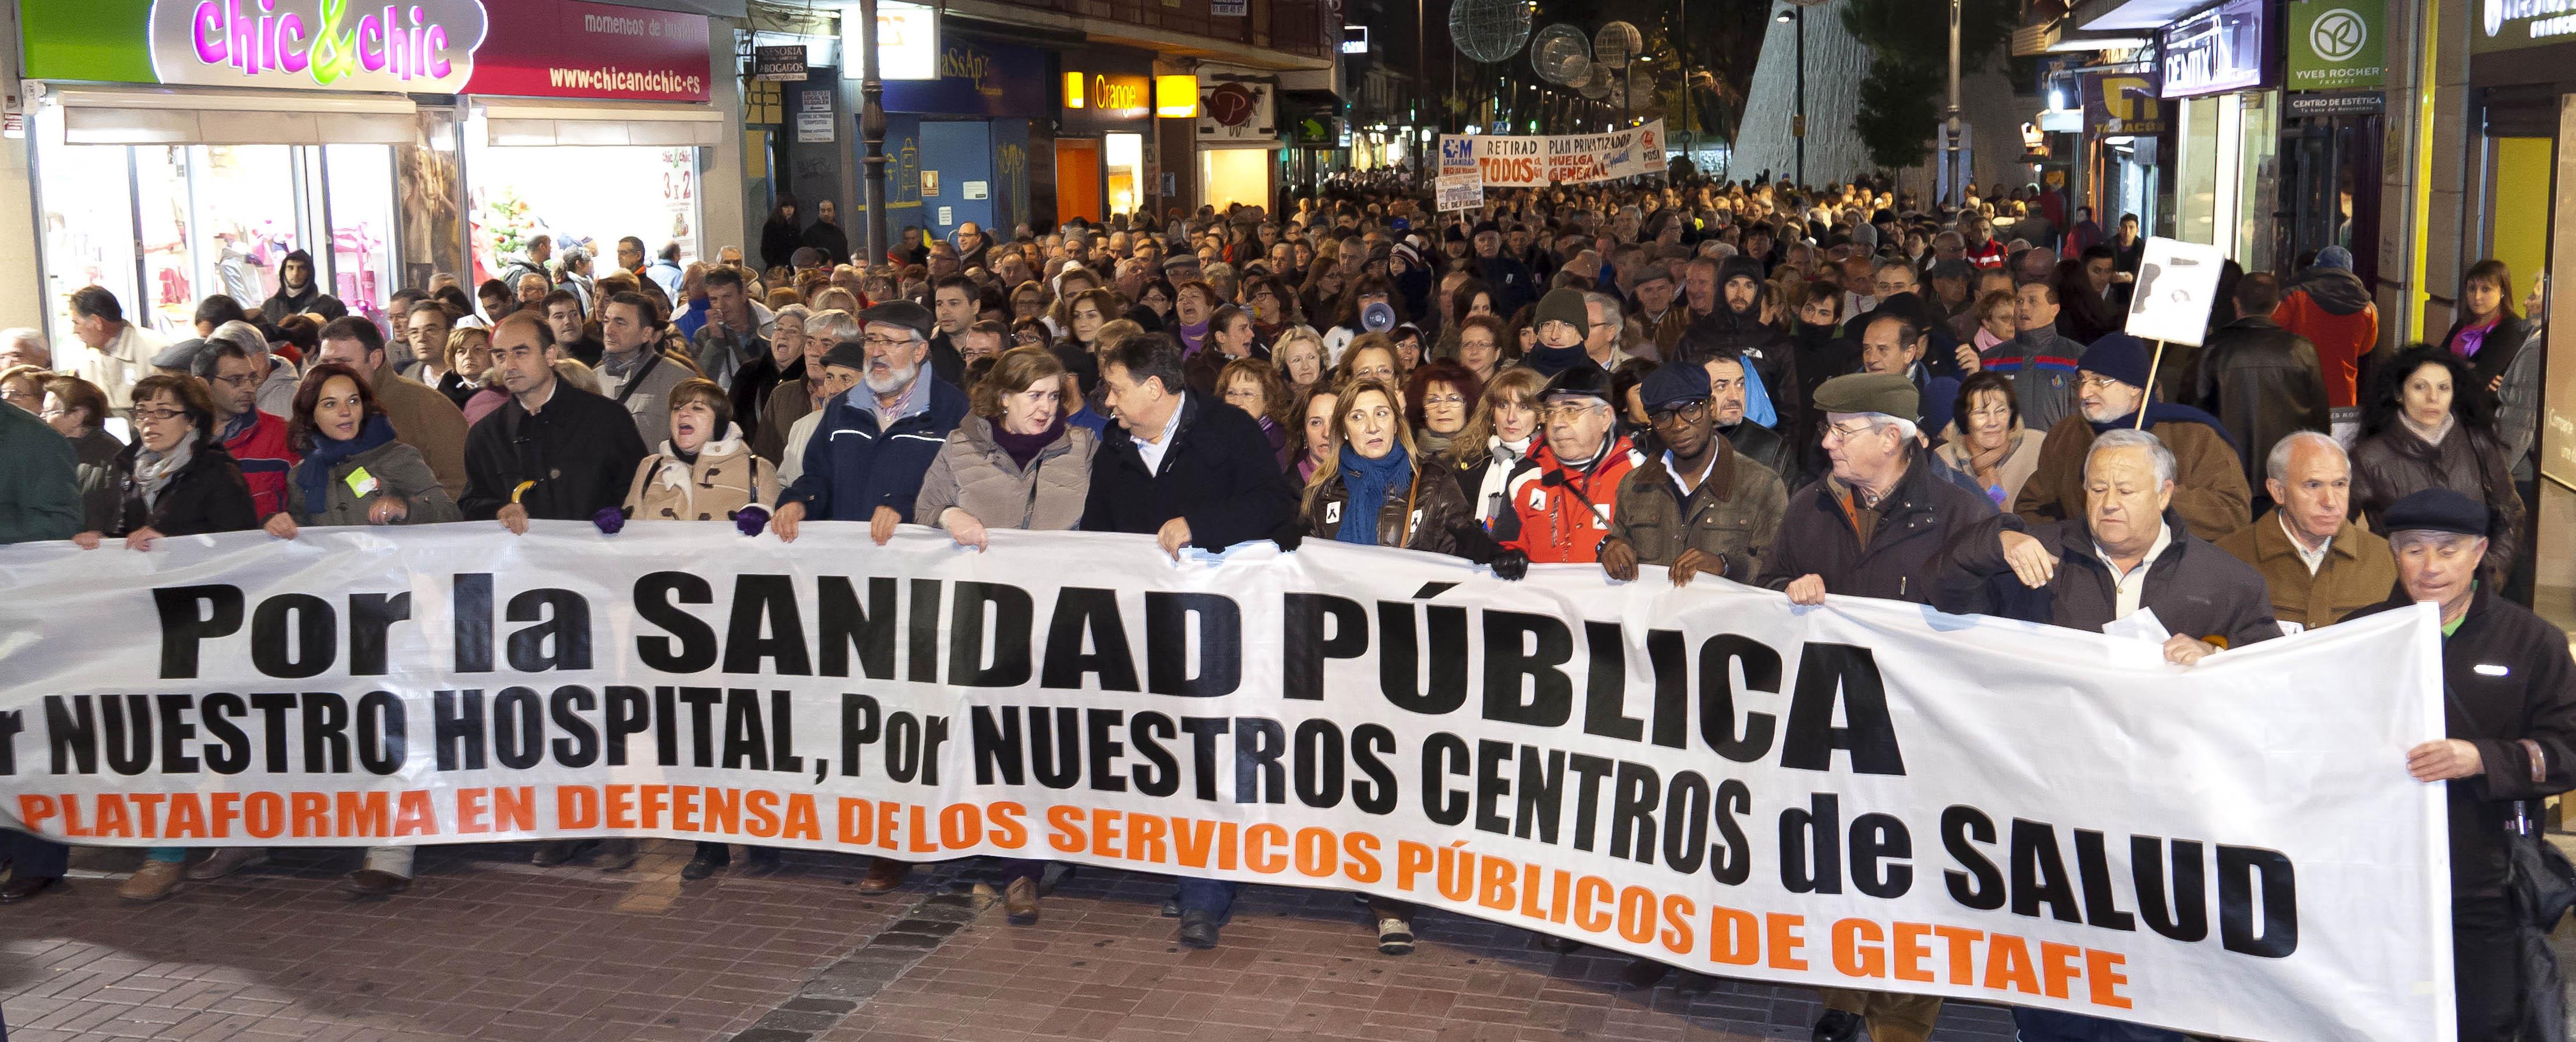 Getafe se echó ayer a la calle en defensa del sistema público de salud